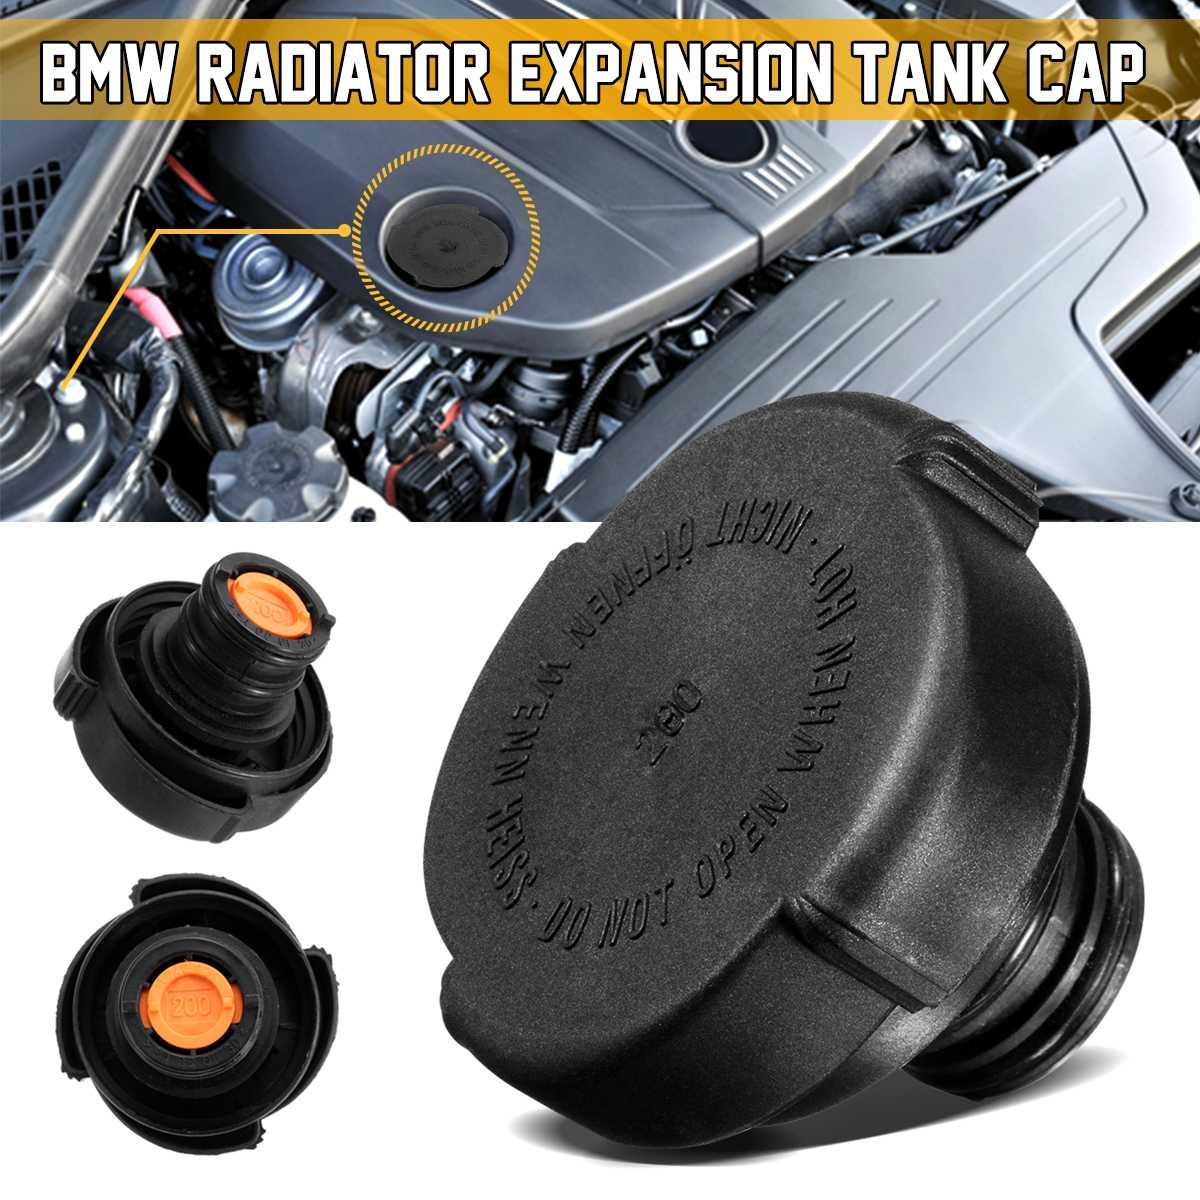 Для BMW E36 E46 E38 E39 E53 E83 расширительный бак радиатора крышка 17111712669 17119071581 1711174223117111742232